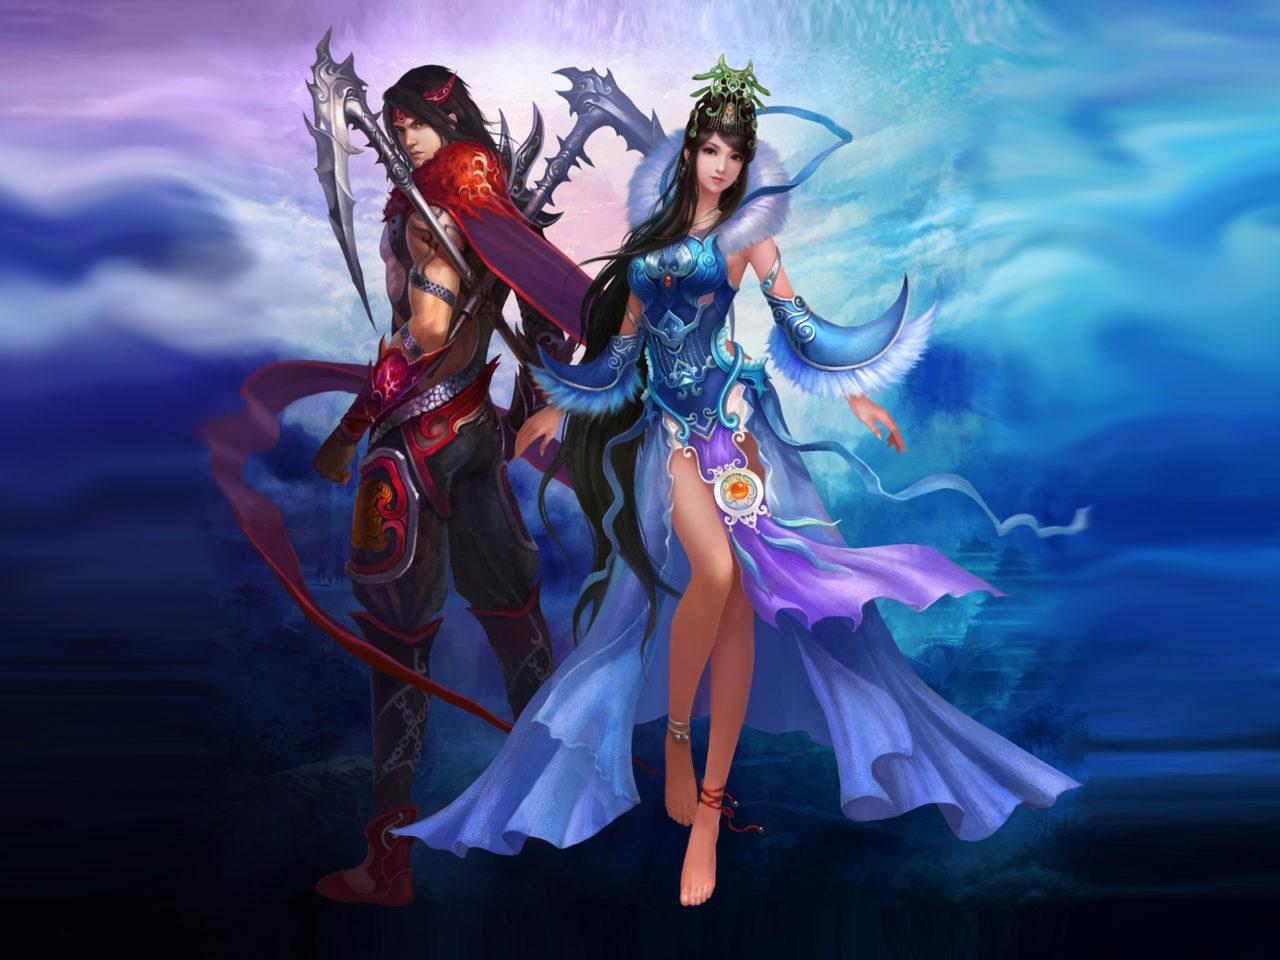 1920x1080 Wallpaper Fantasy Girl Jade Dynasty Video Game Desktop Wallpaper Hd Resolution